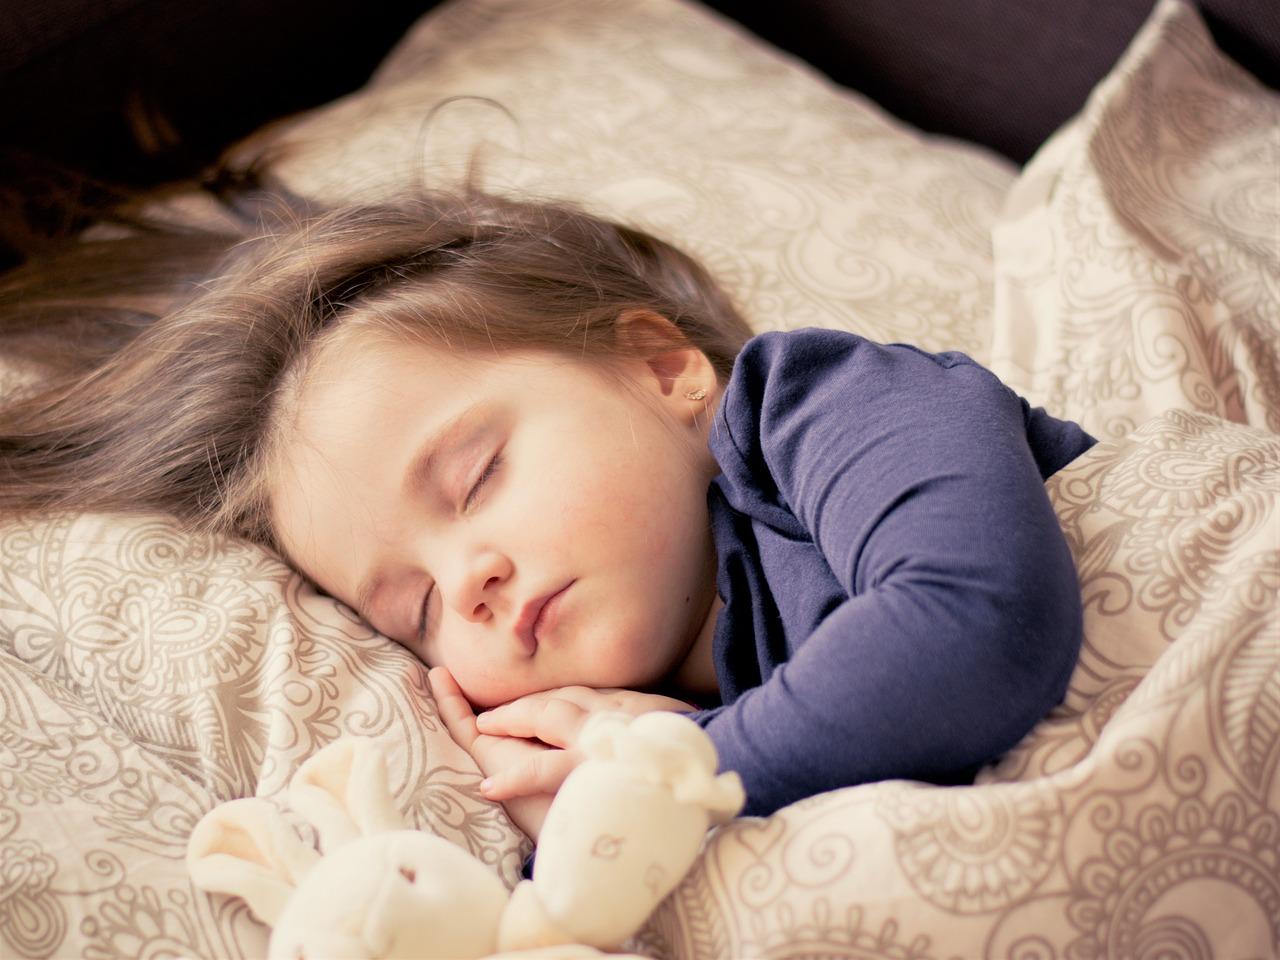 e936429f7b37 Ονειροκρίτης μωρό   Όνειρα – Ερμηνείες